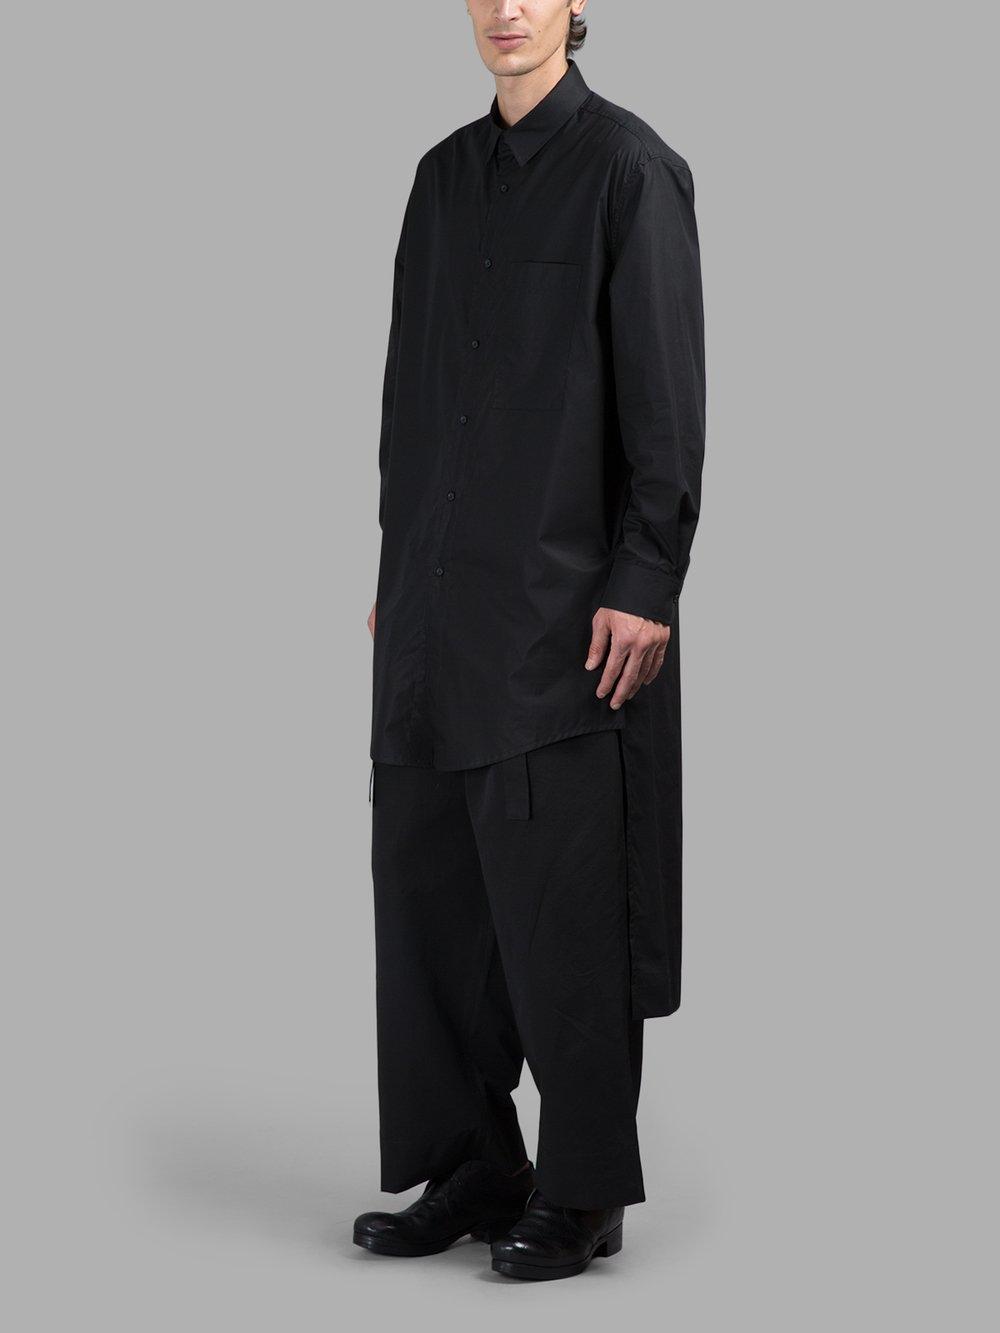 2018 Chun xia hommes et femmes avec la personnalité asymétrique chemise courte après il y a longtemps les vêtements de la chanteuse t